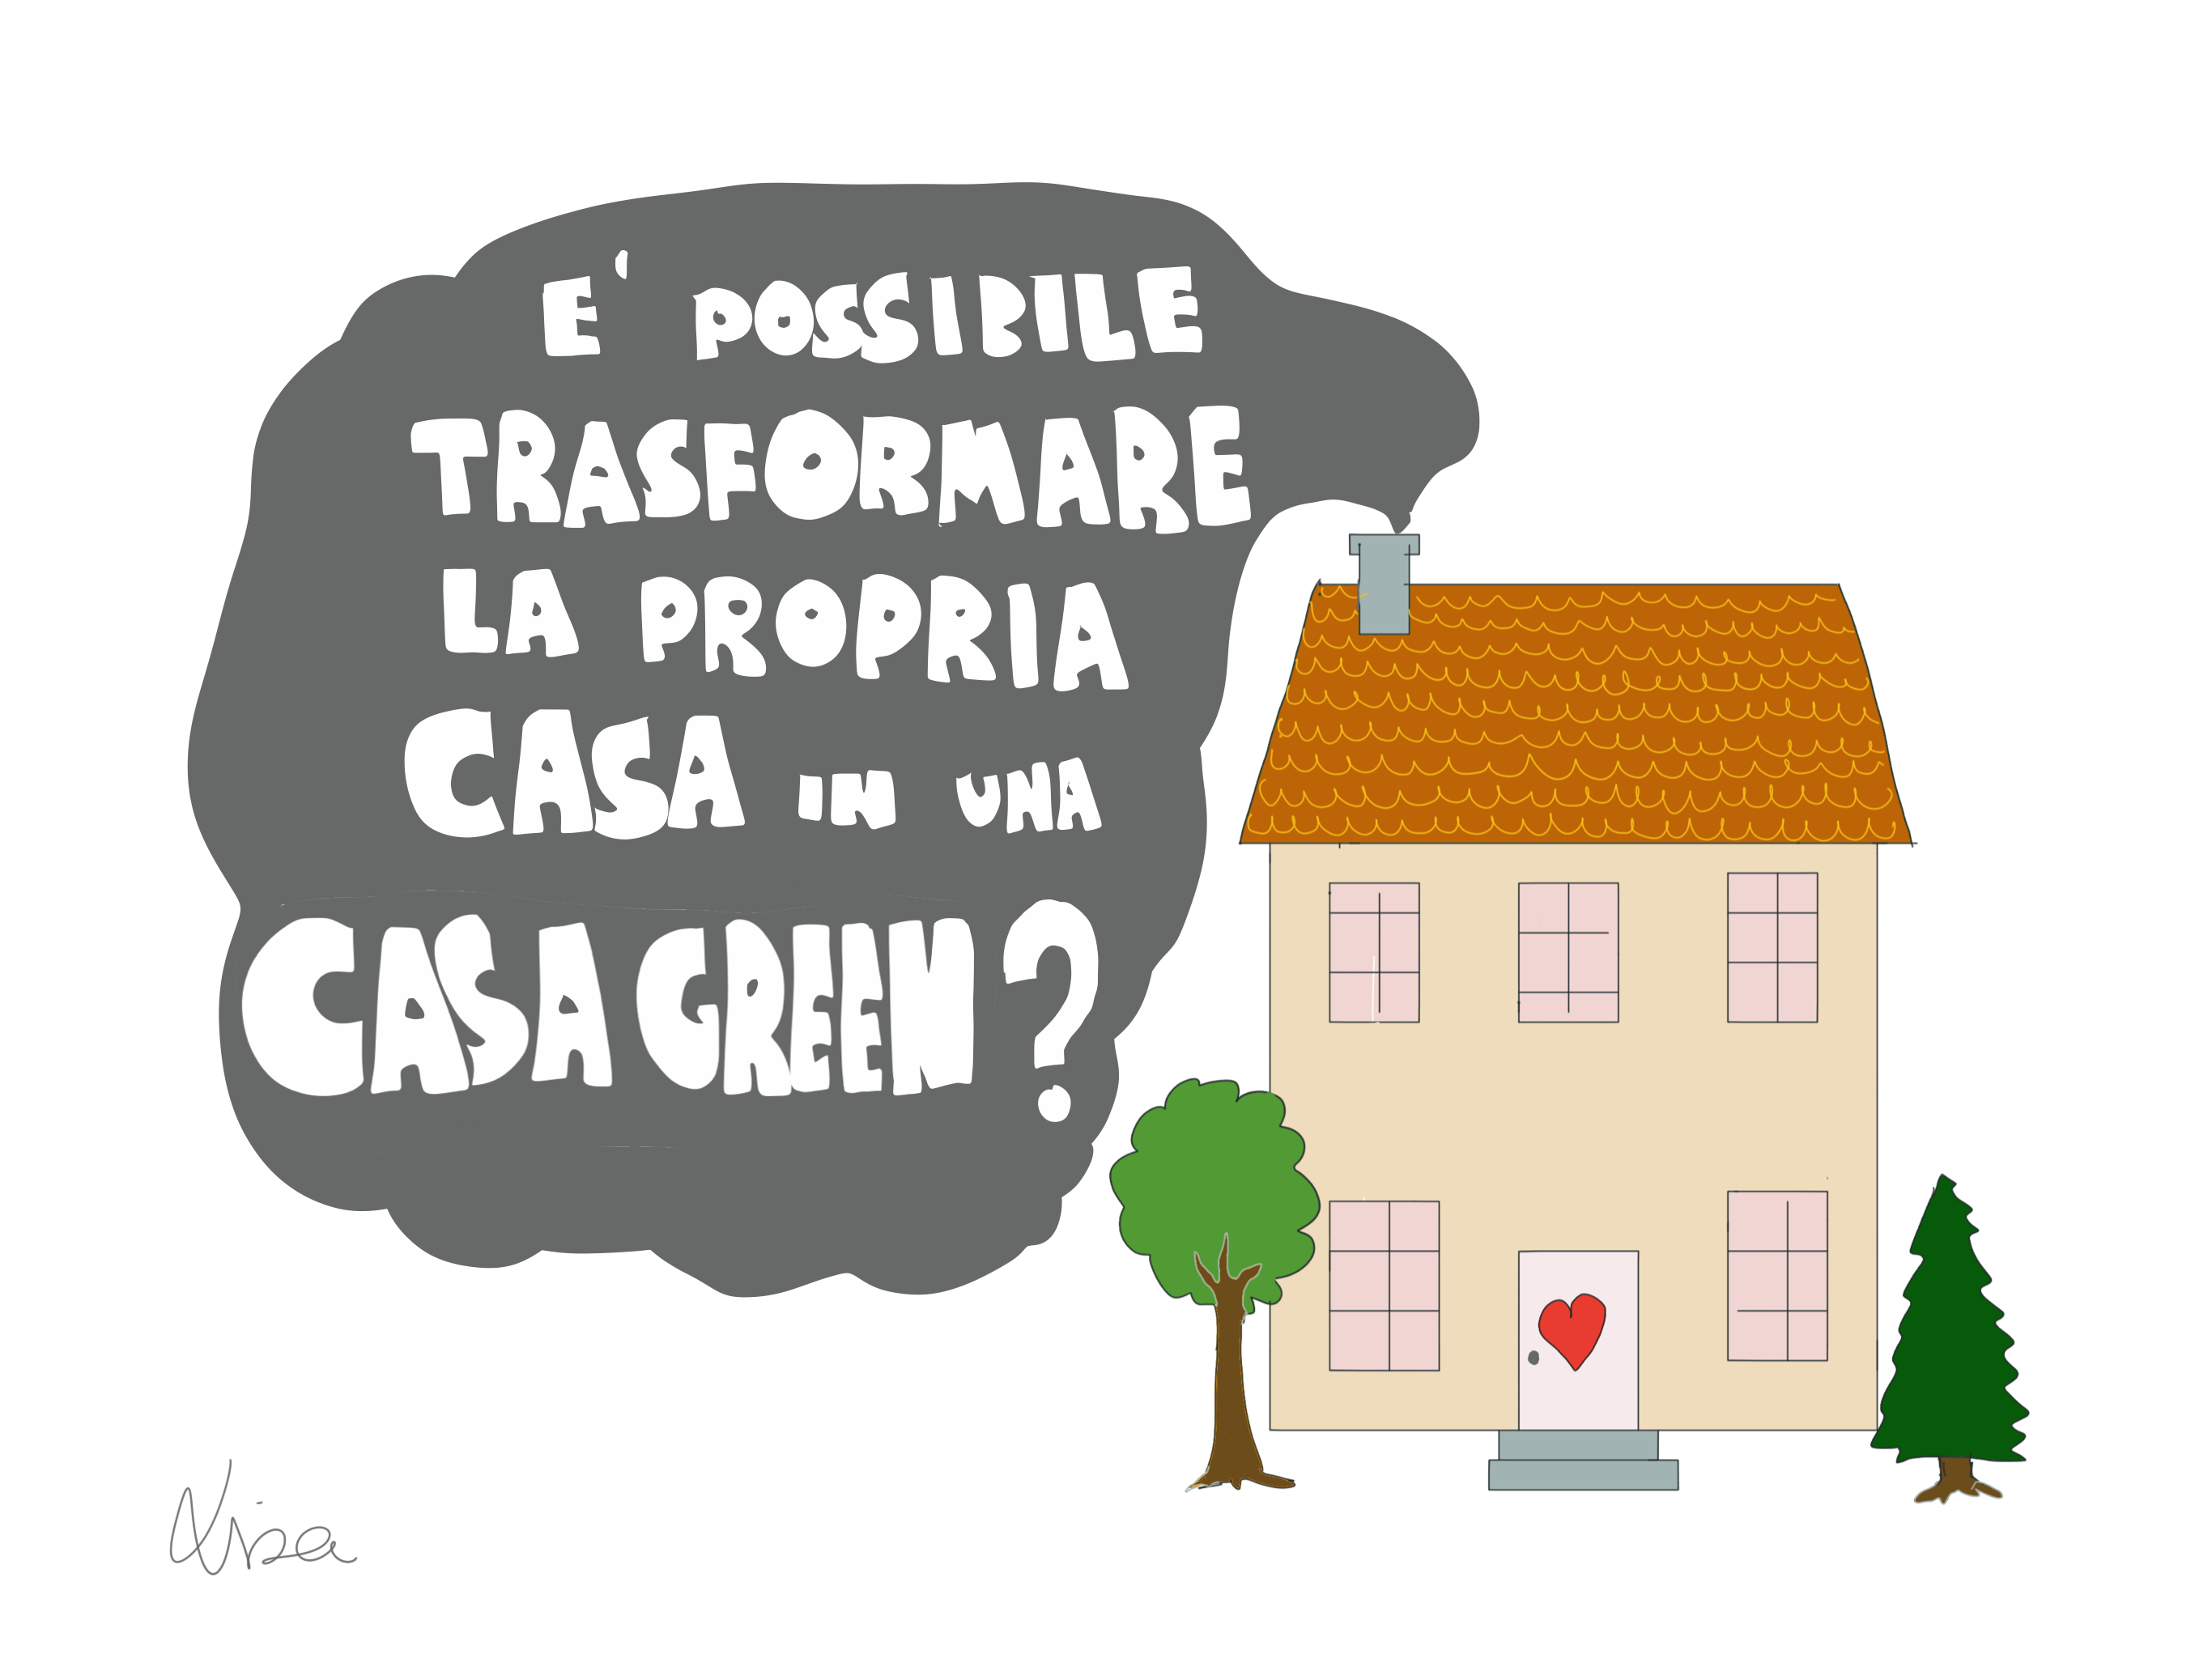 Come si trasforma la propria casa in una casagreen for Casa in stile missione